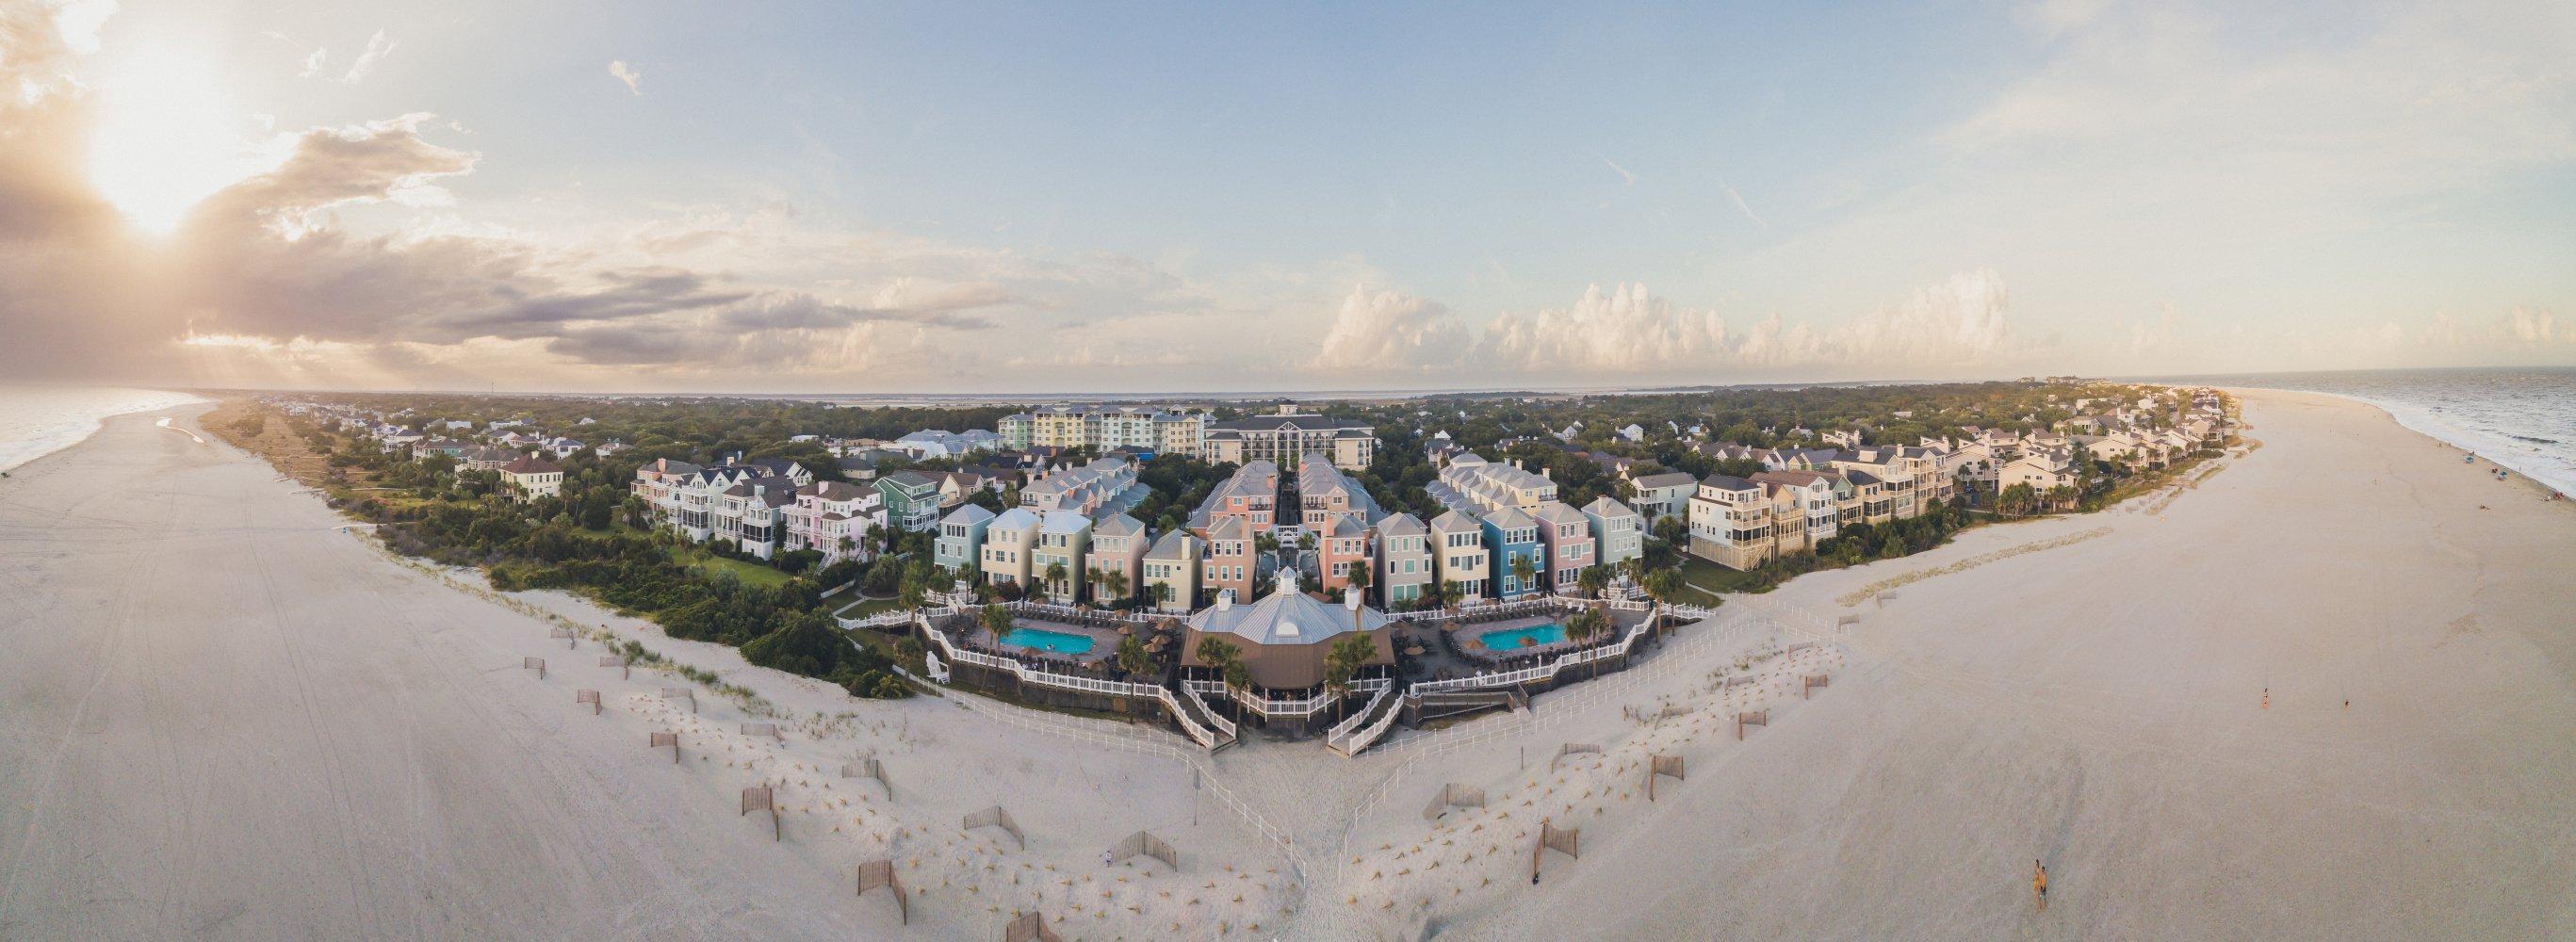 Wild Dunes Resort